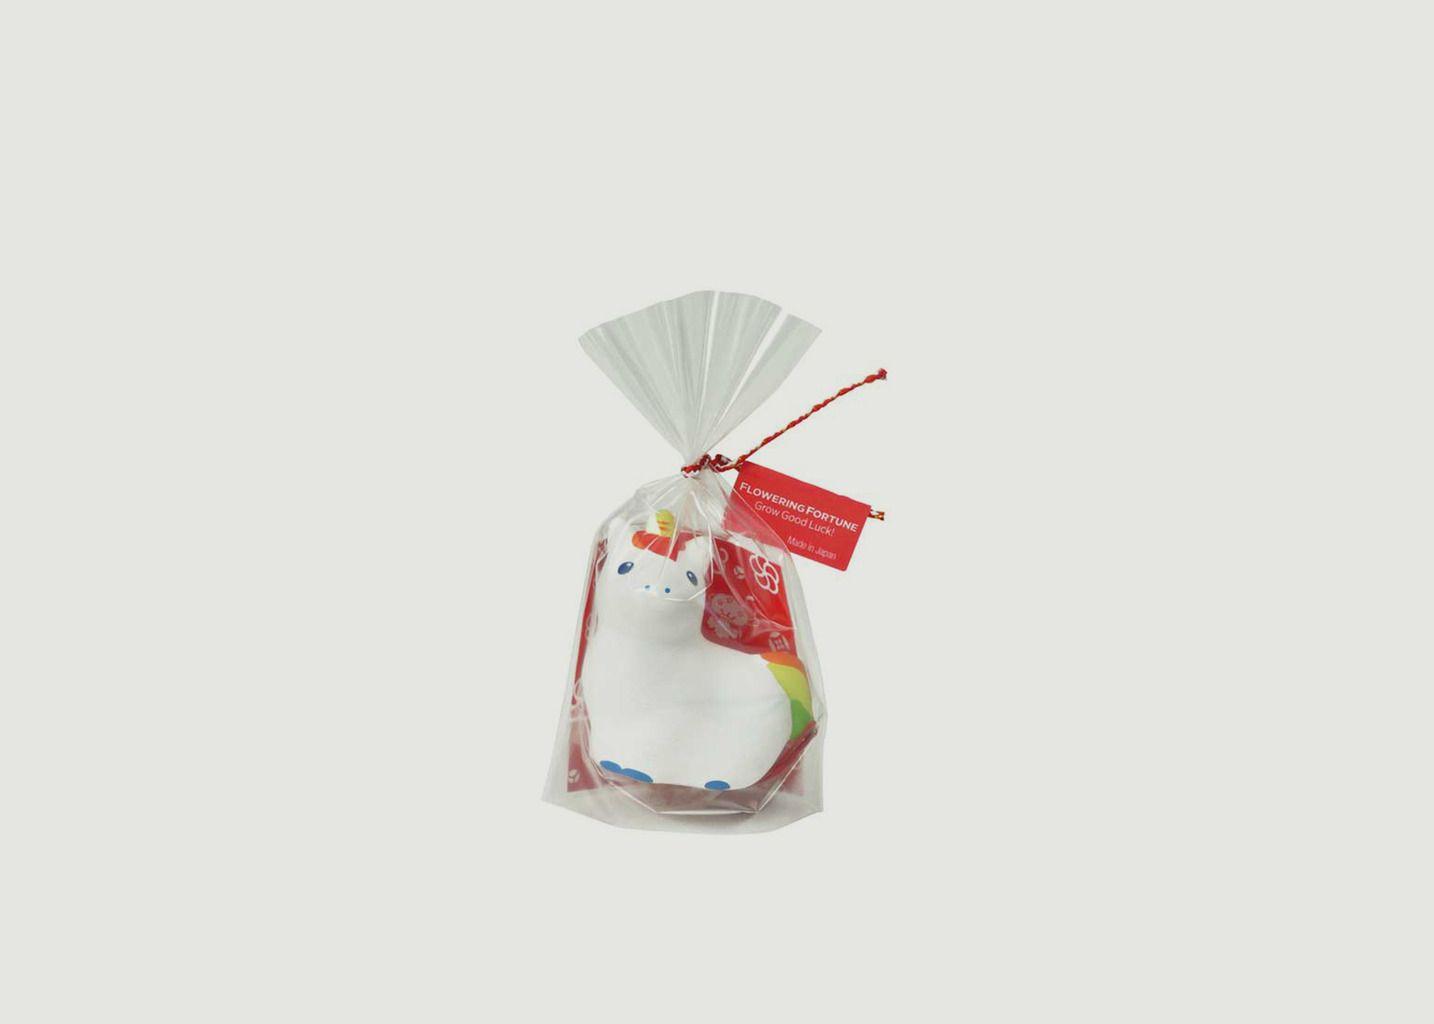 Graines Fortunes Fleurissantes - Licorne Enchantée - Noted